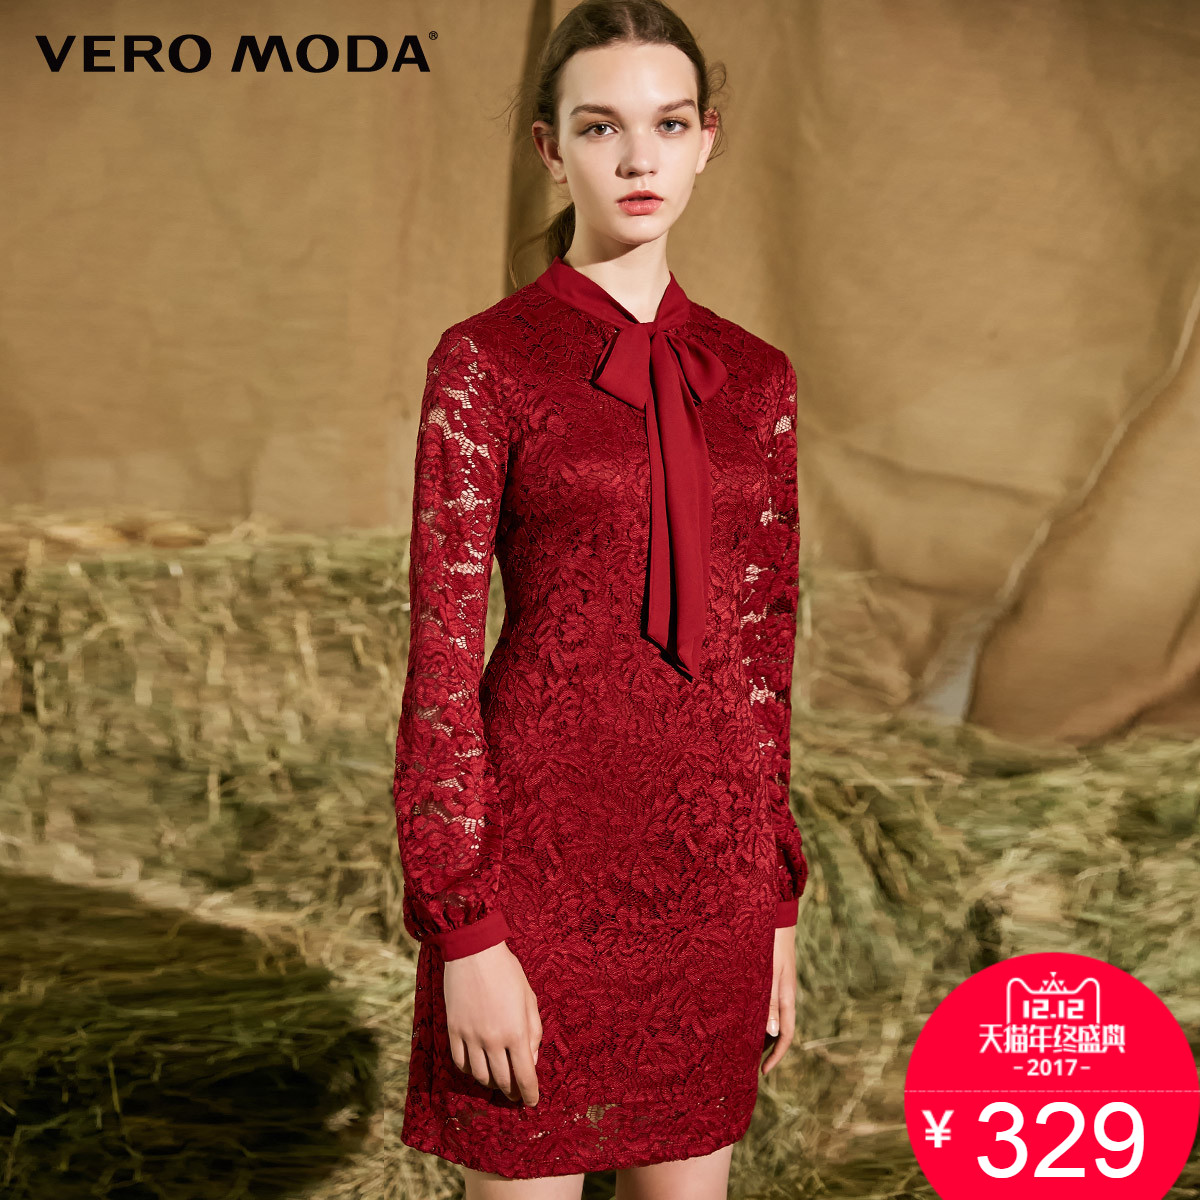 聚12,12活动价329Vero Moda领部系带透视蕾丝连衣裙 317361516